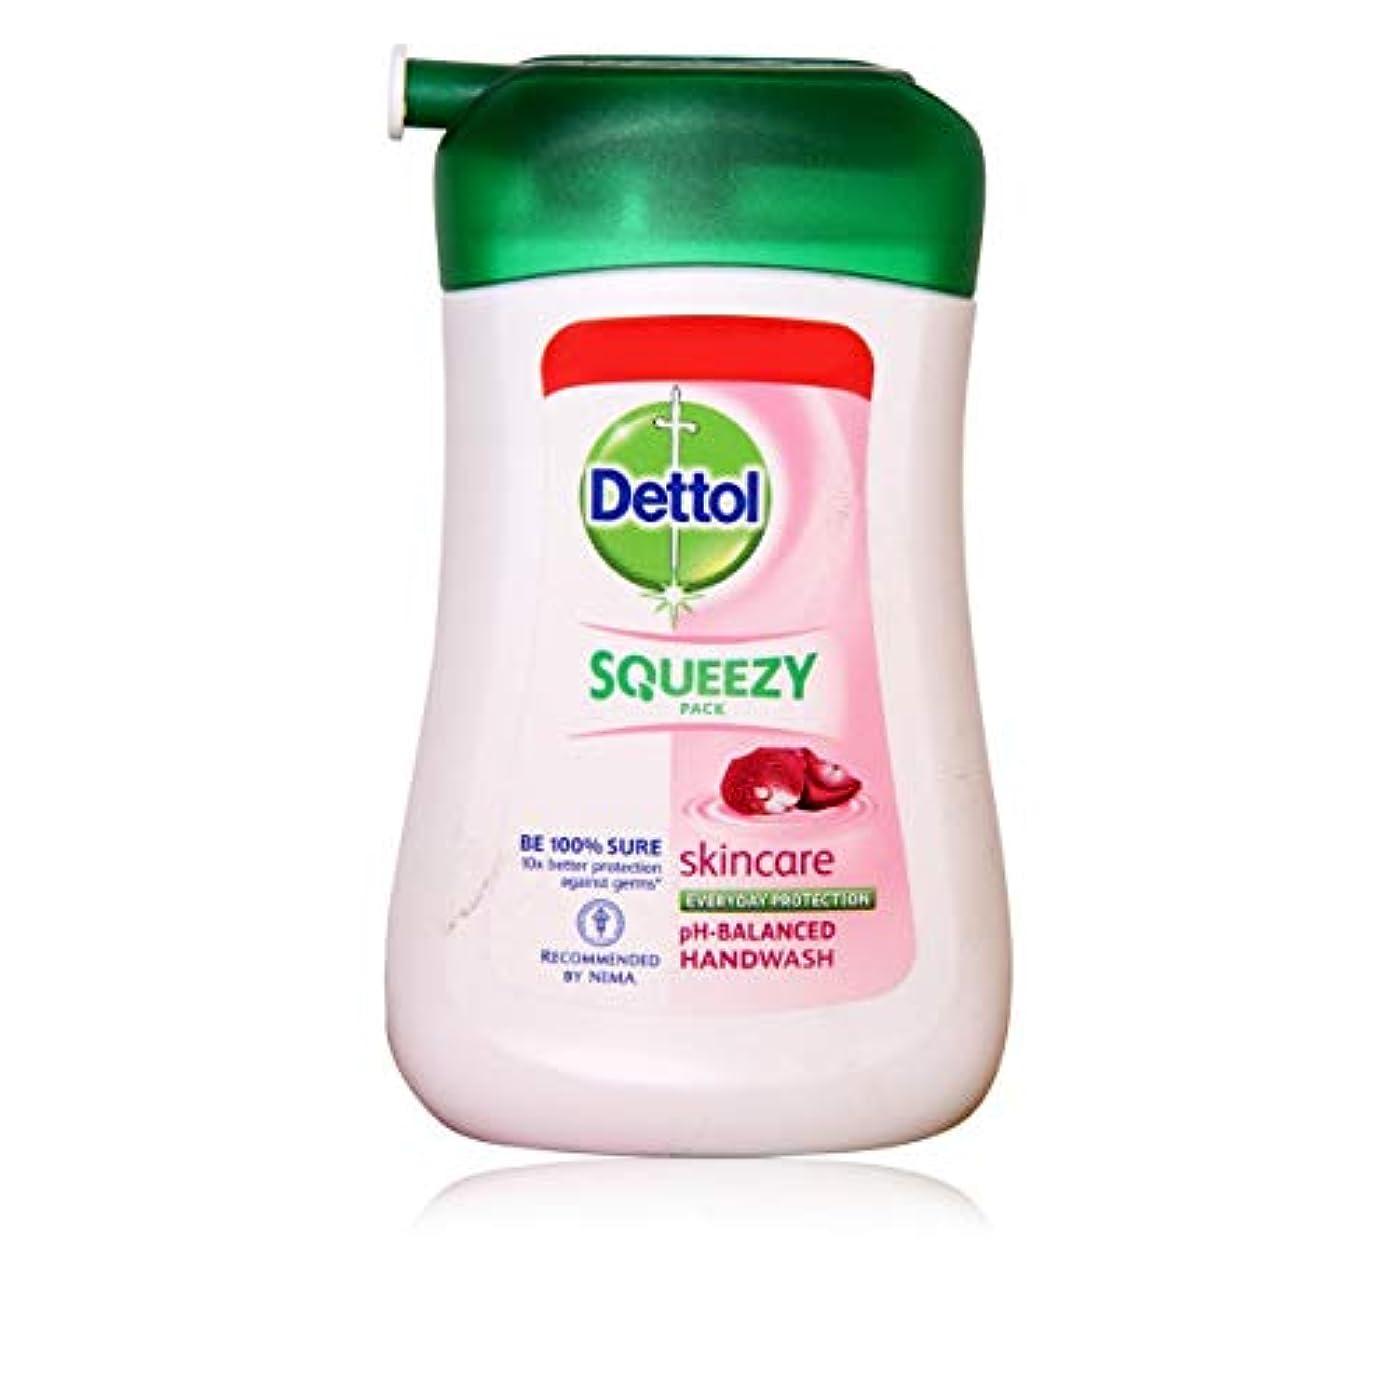 ウッズ記念品スリチンモイDETTOL Squeezy Pack Skincare Liquid Hand WASH 100ML